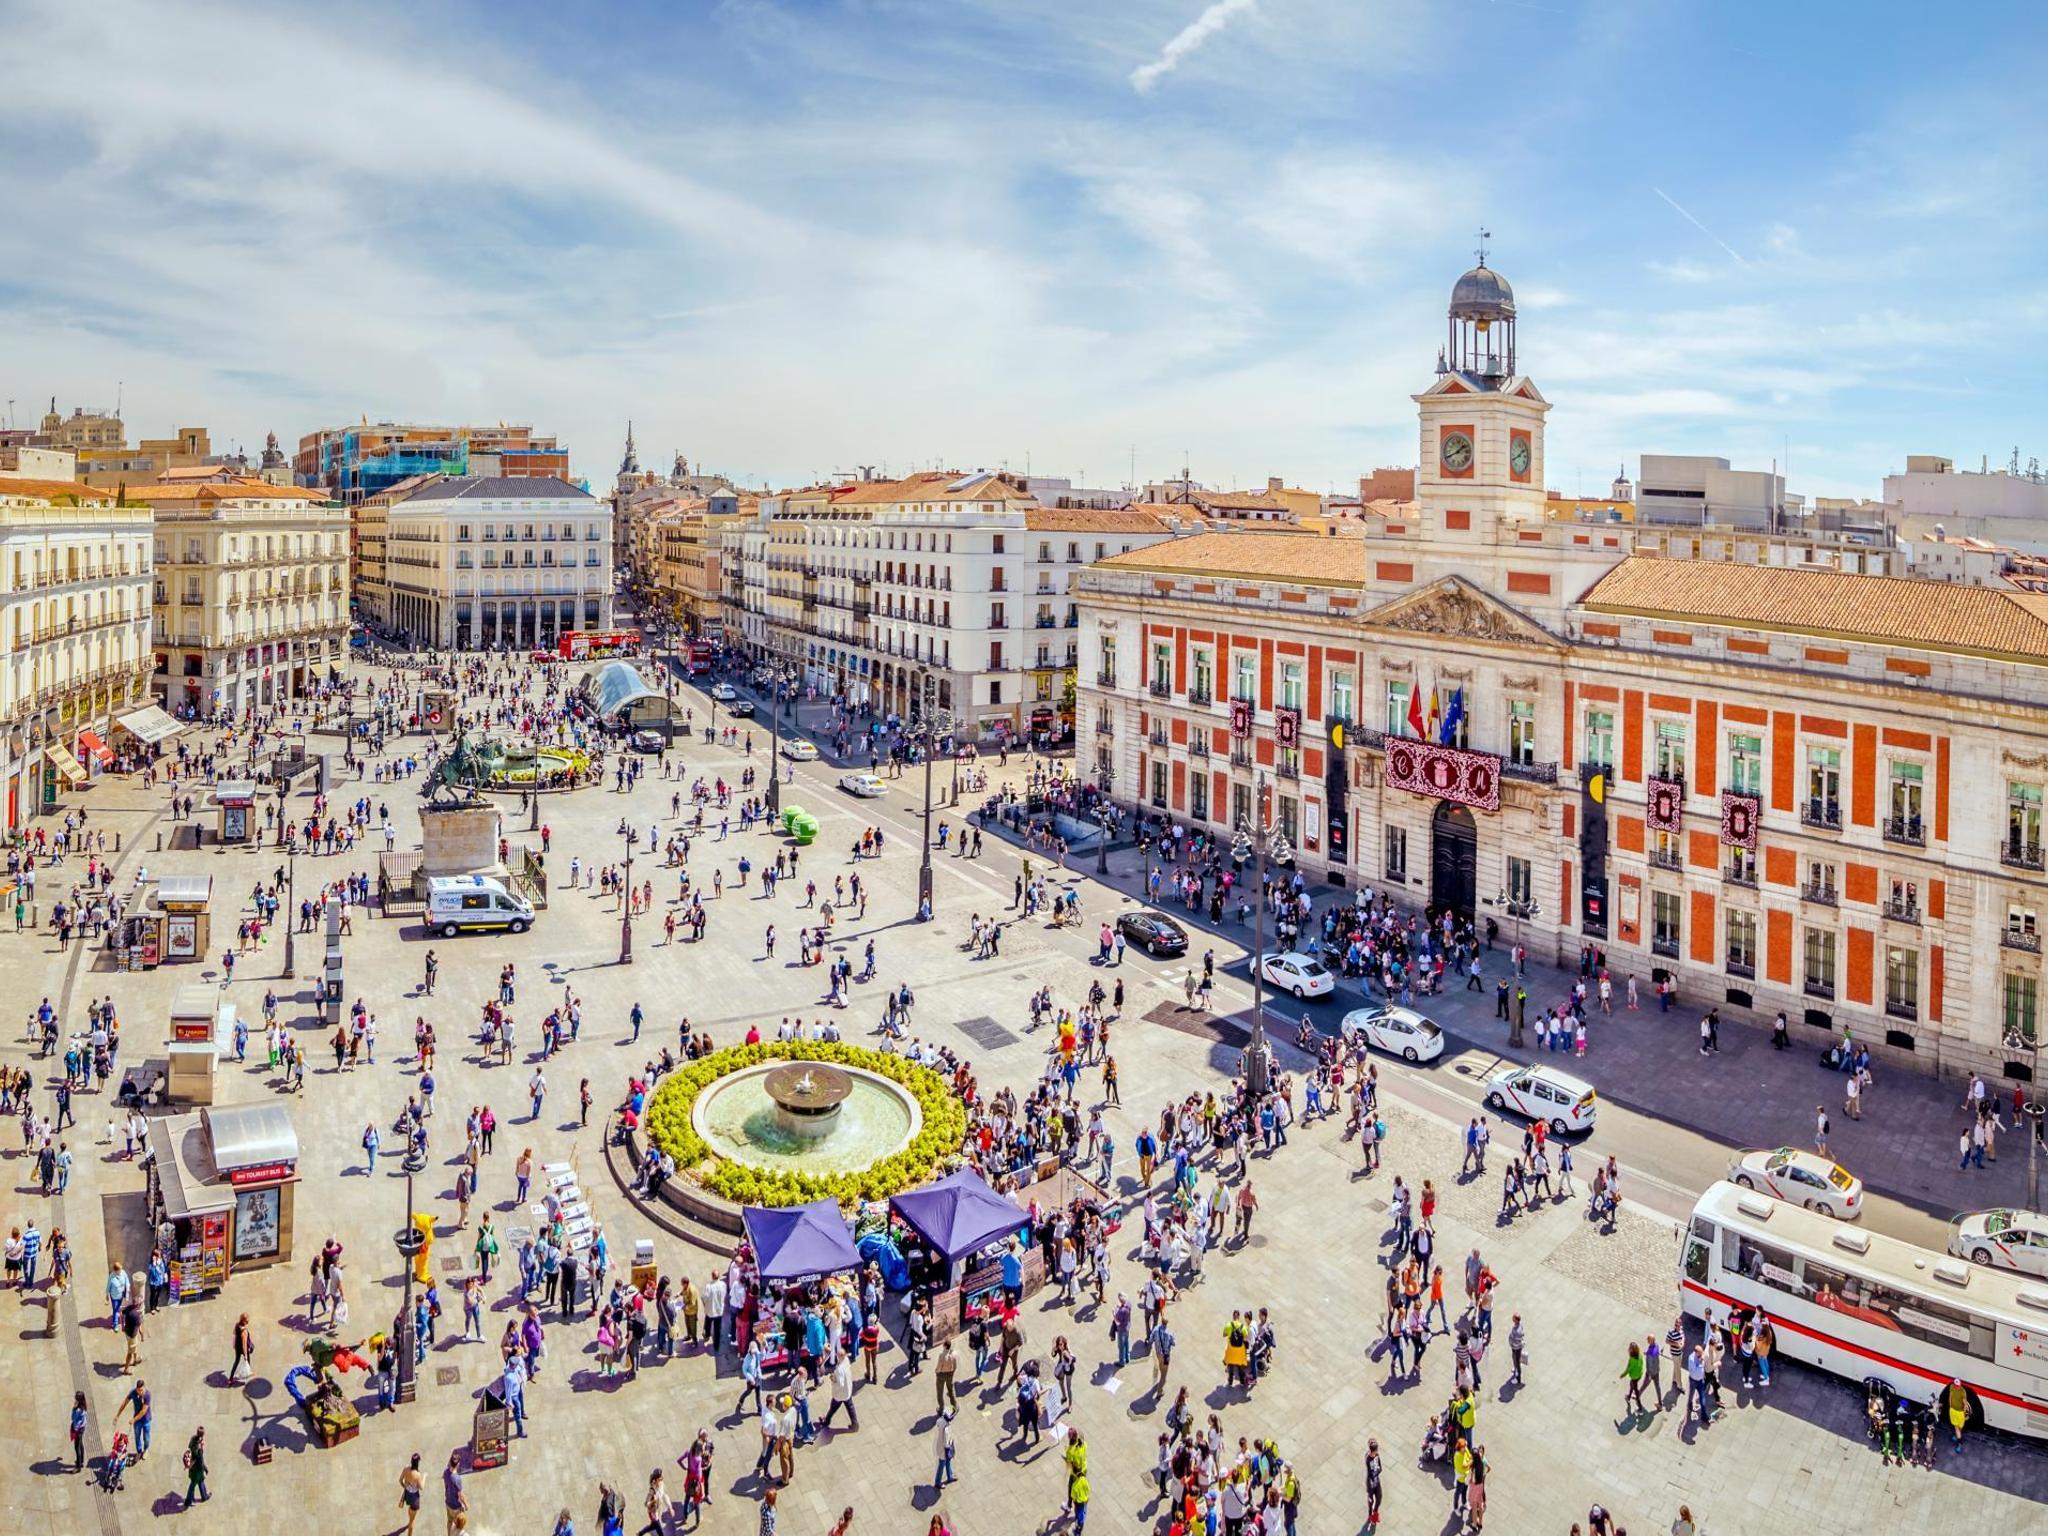 Puerta del Sol, 0 KM-Nya Kota Madrid Yang Berarti Gerbang Matahari